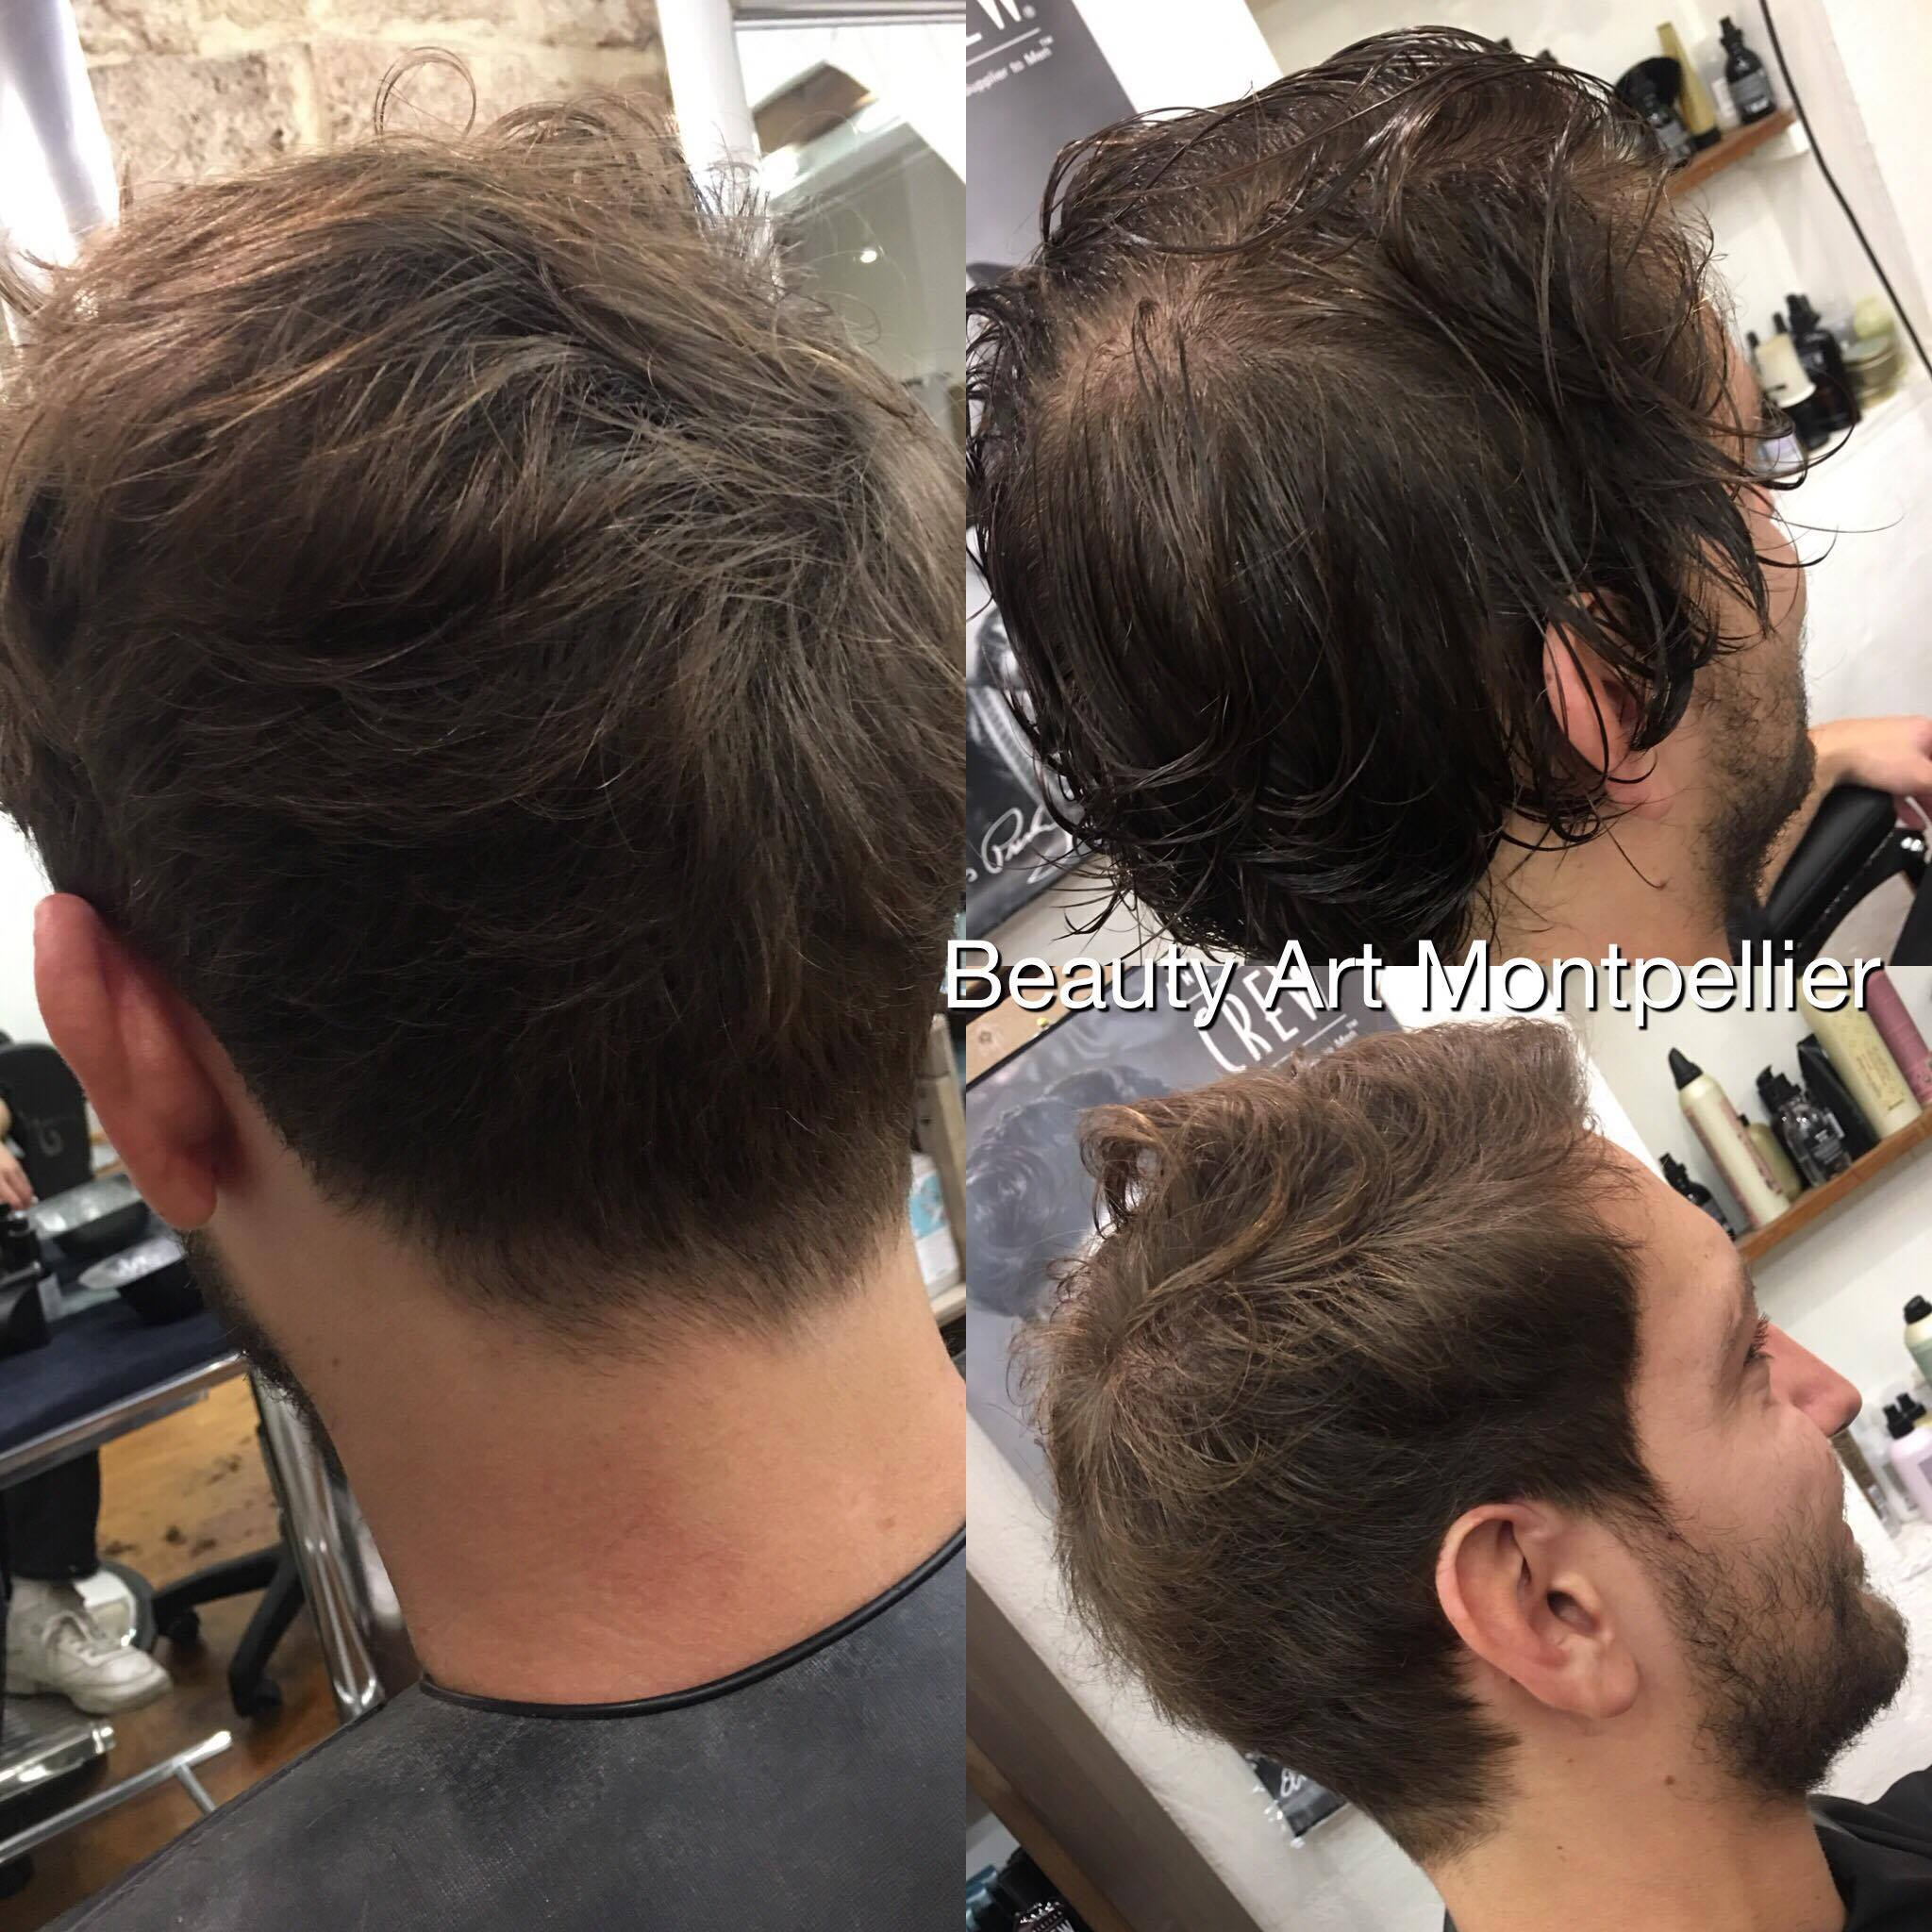 Salon de coiffure montpellier galerie homme barbier for Salon ce montpellier